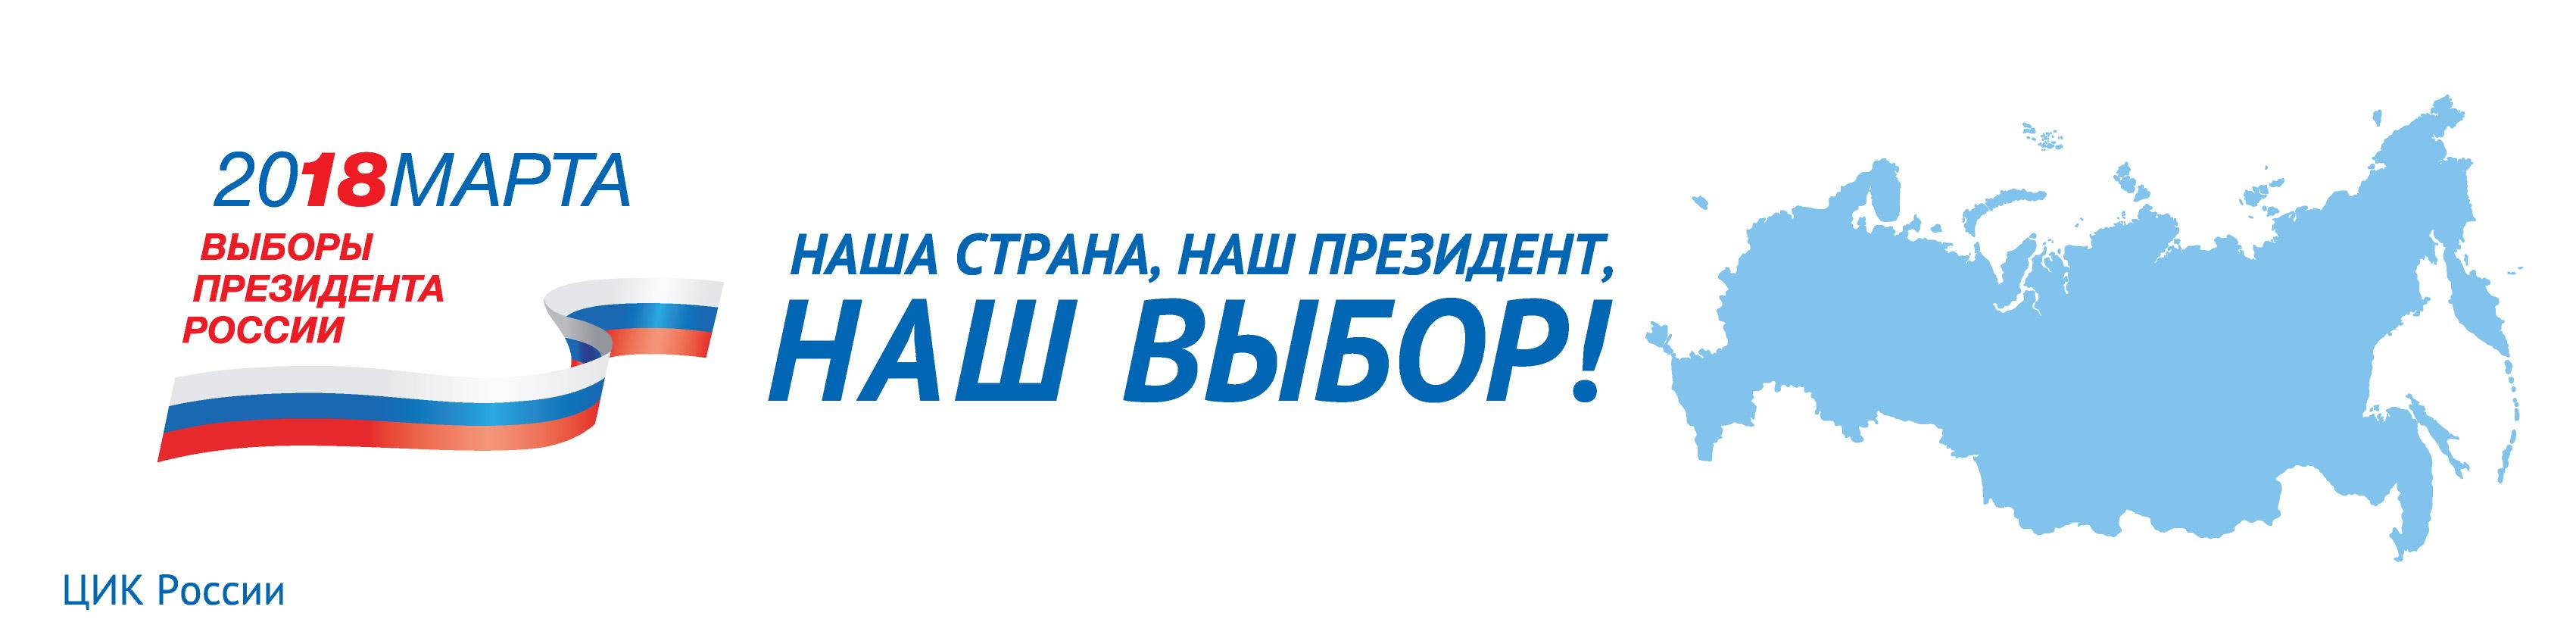 Прокопьевск 27 ТРК плюс